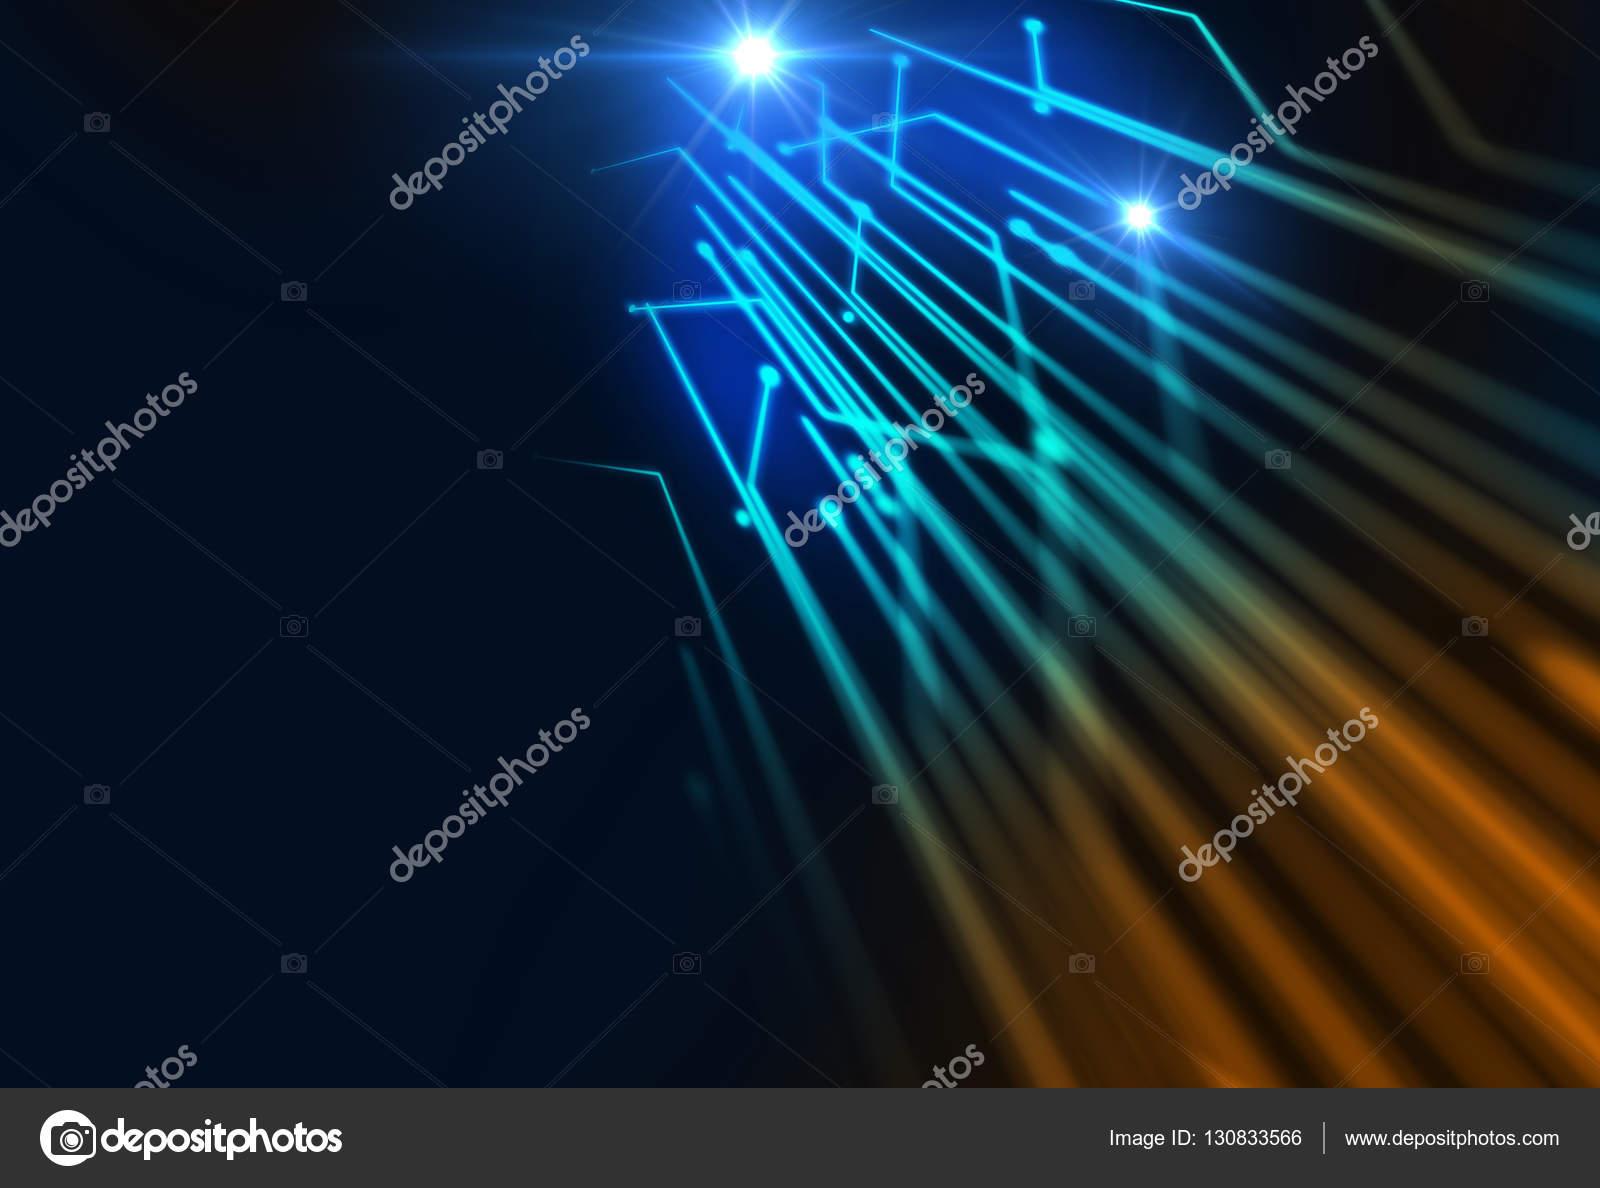 intreepupil afbeelding van glasvezel verlichting abstracte ...